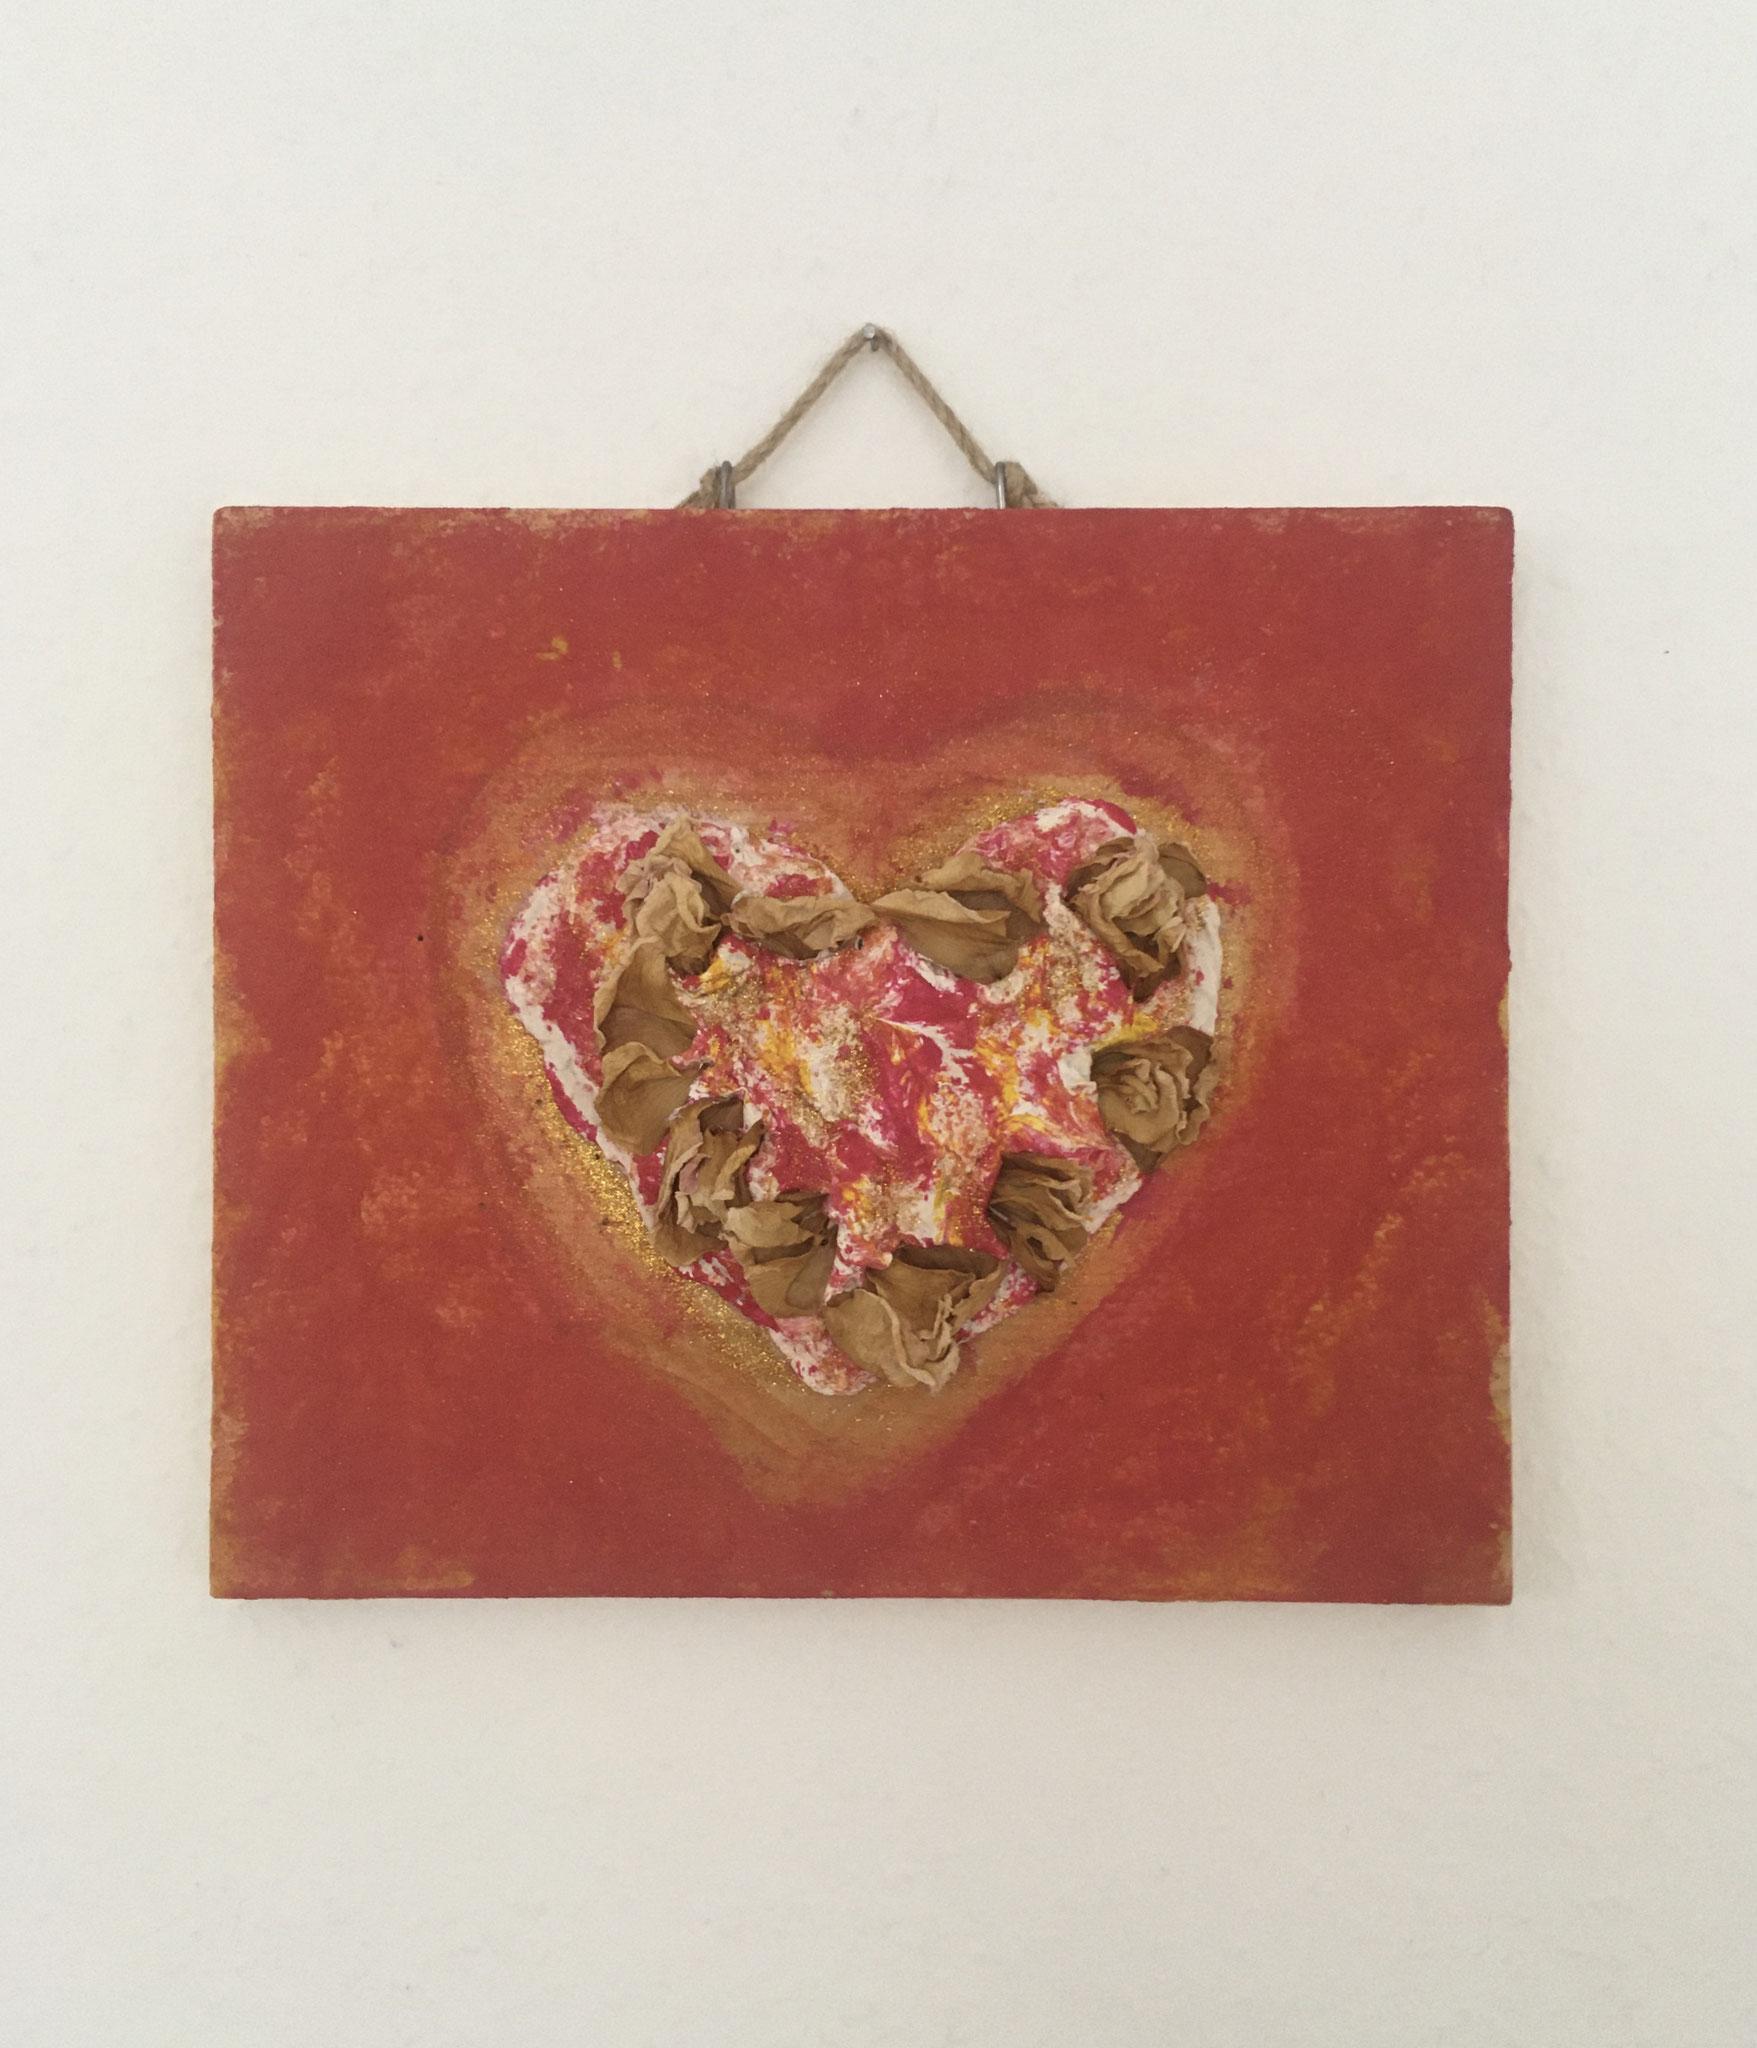 Weiches Herz (23,5x28,5x2cm) auf Holz